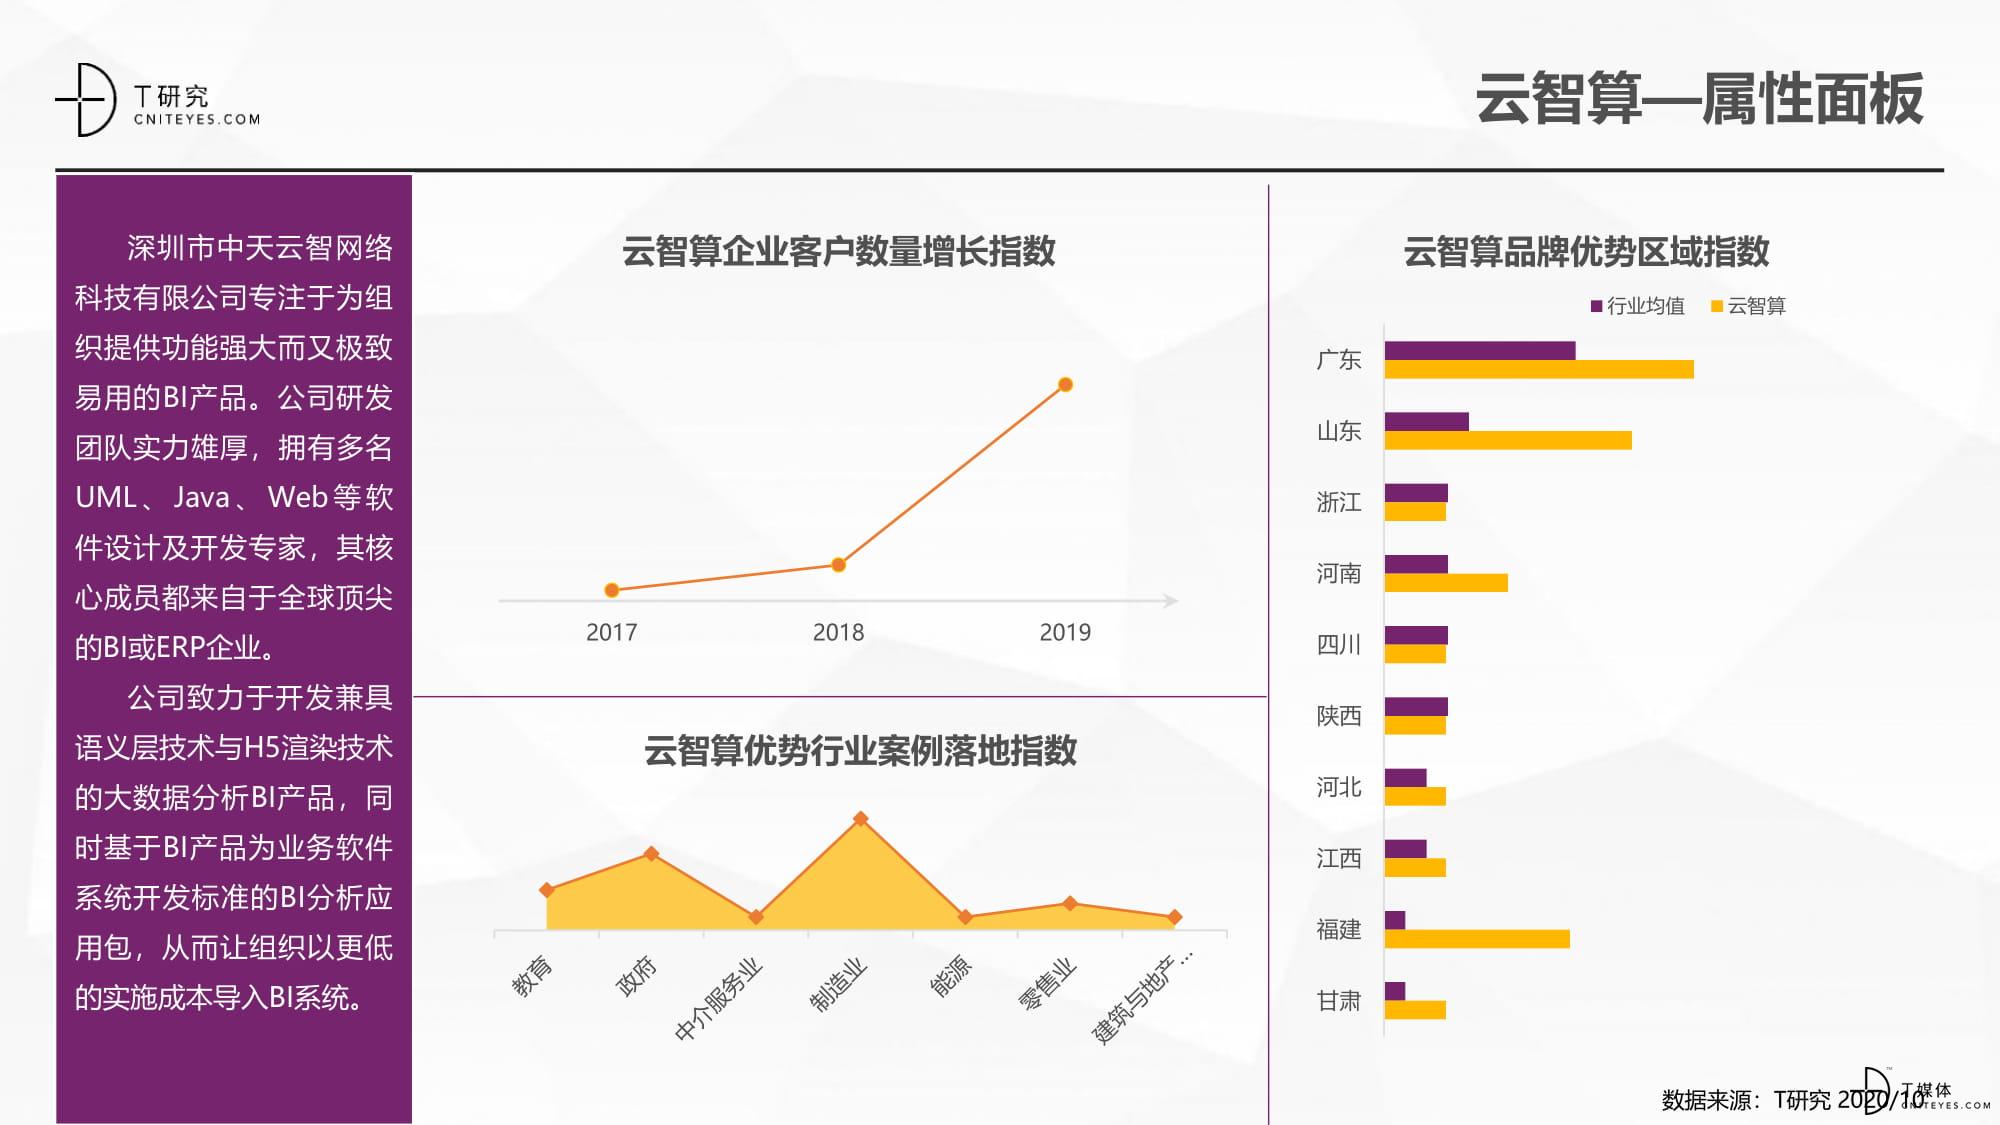 2020中国BI指数测评报告-34.jpg